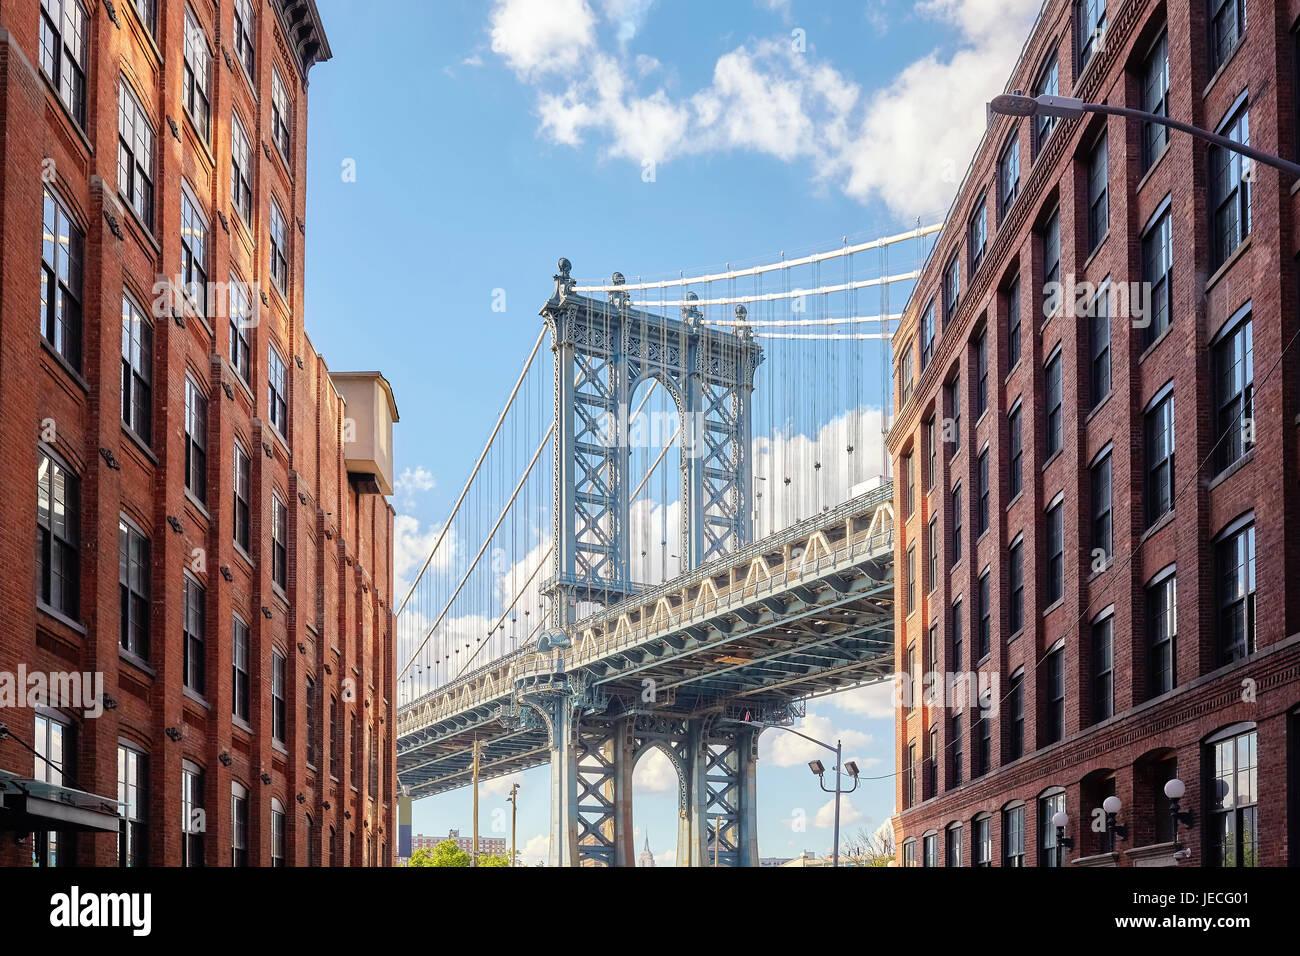 Manhattan Bridge seen from Dumbo, New York City, USA. - Stock Image